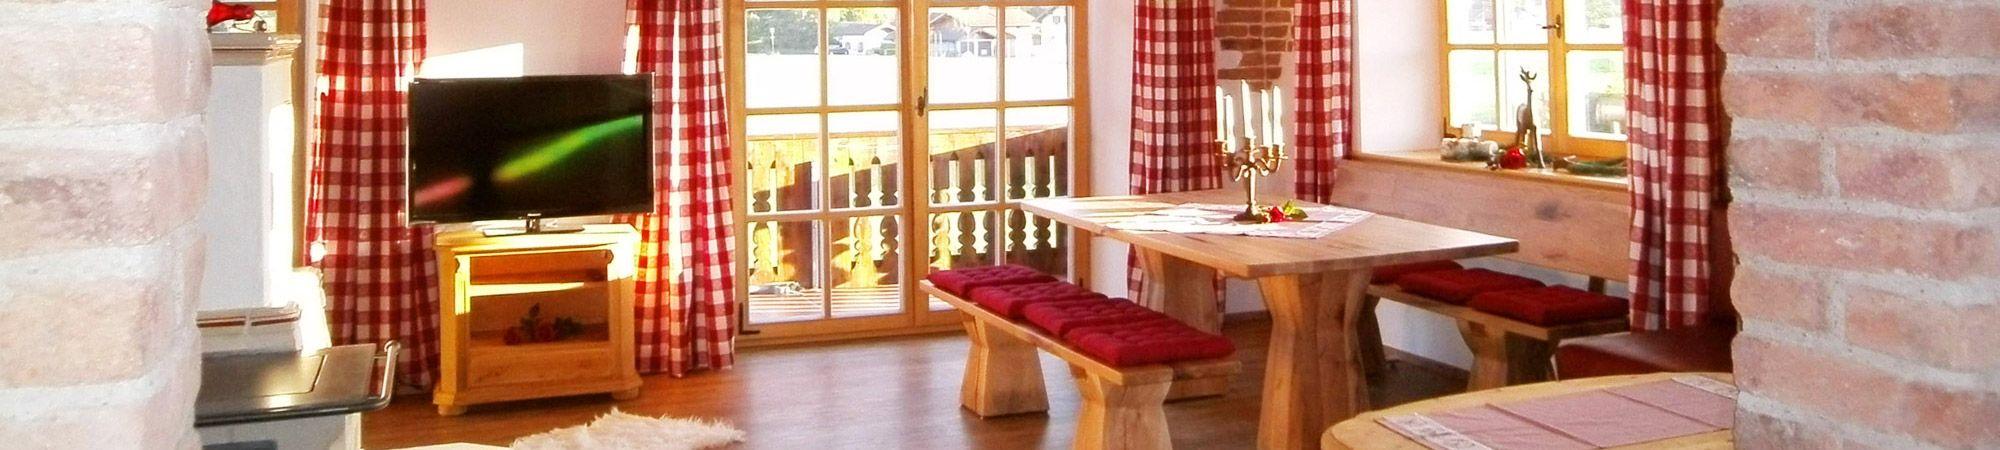 Ferienwohnung Franz Chiemsee - Wohnbereich